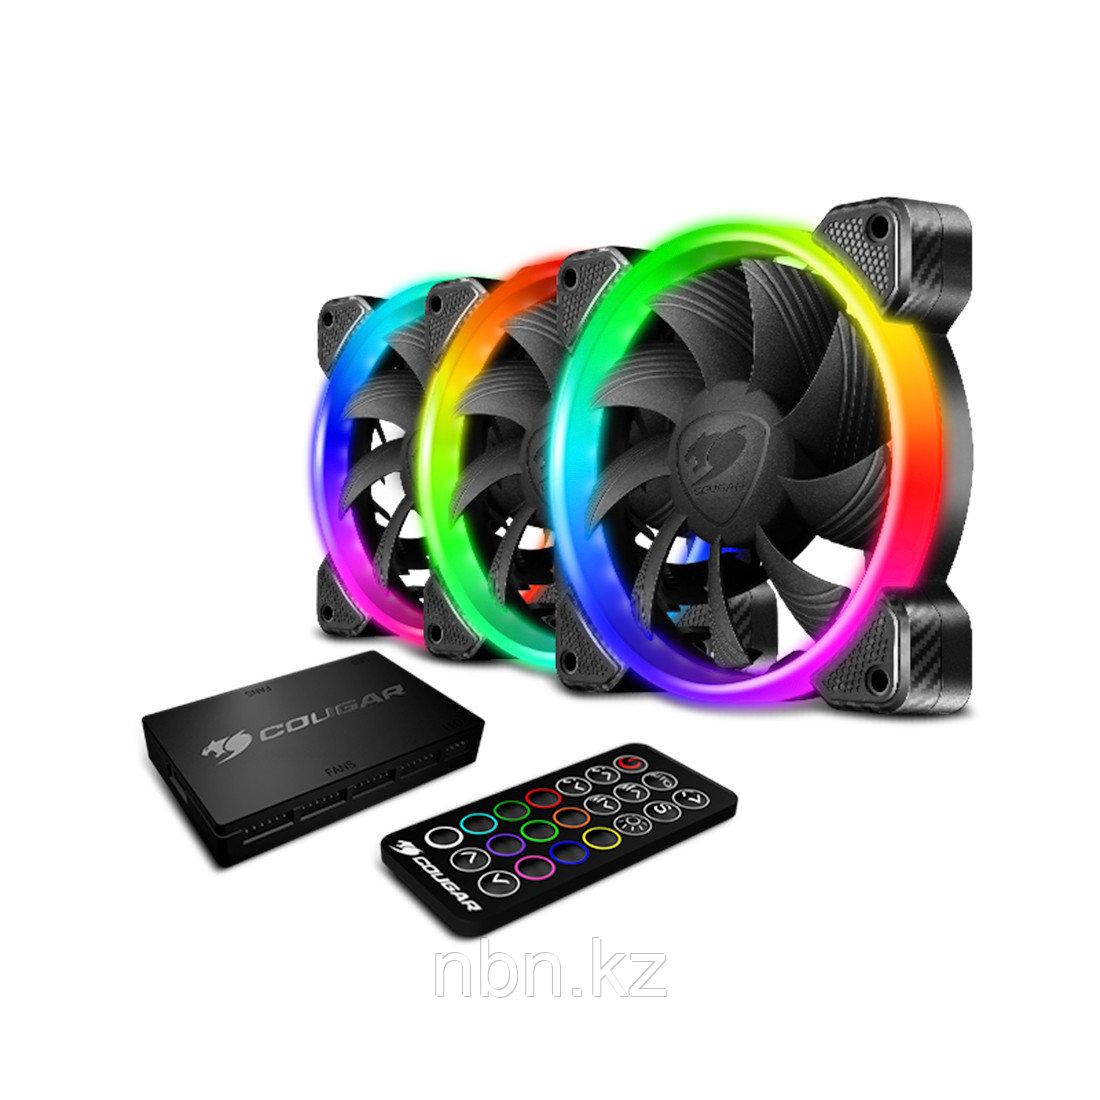 Комплект кулеров для компьютерного корпуса Cougar VORTEX HPB RGB COOLING KIT - 3 в1